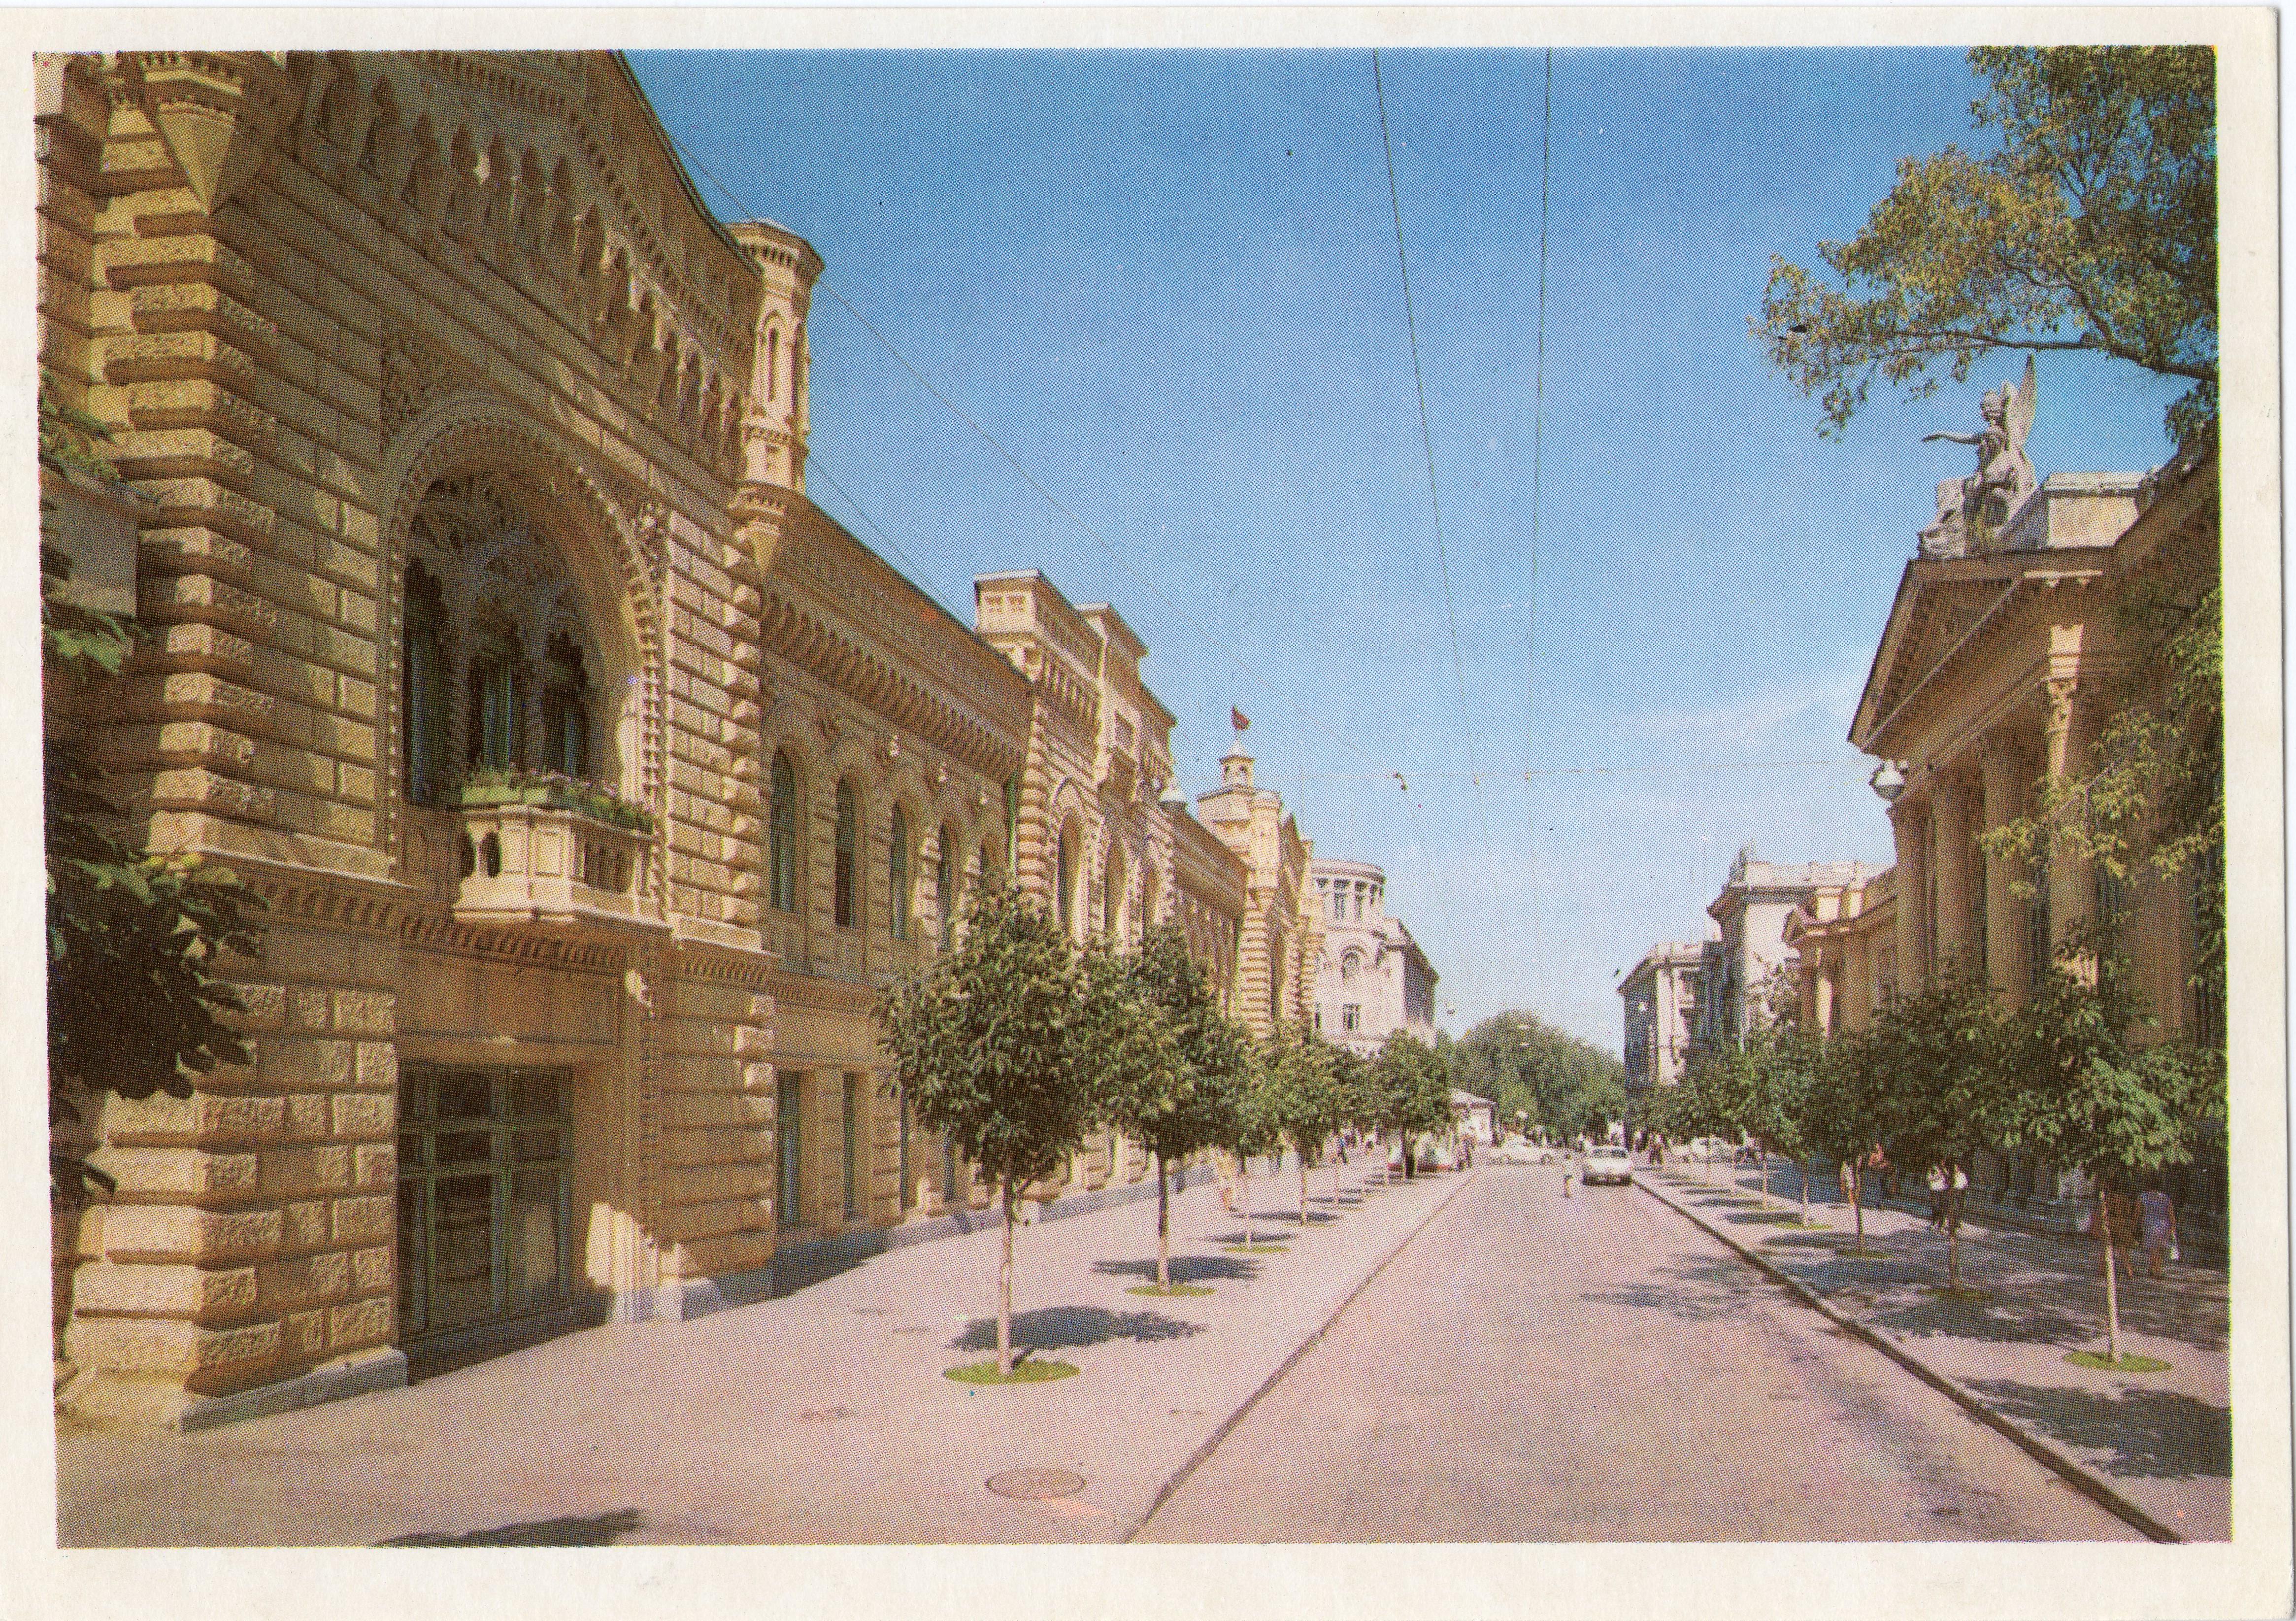 перелезали левый старые улицы кишинева фото факт призван